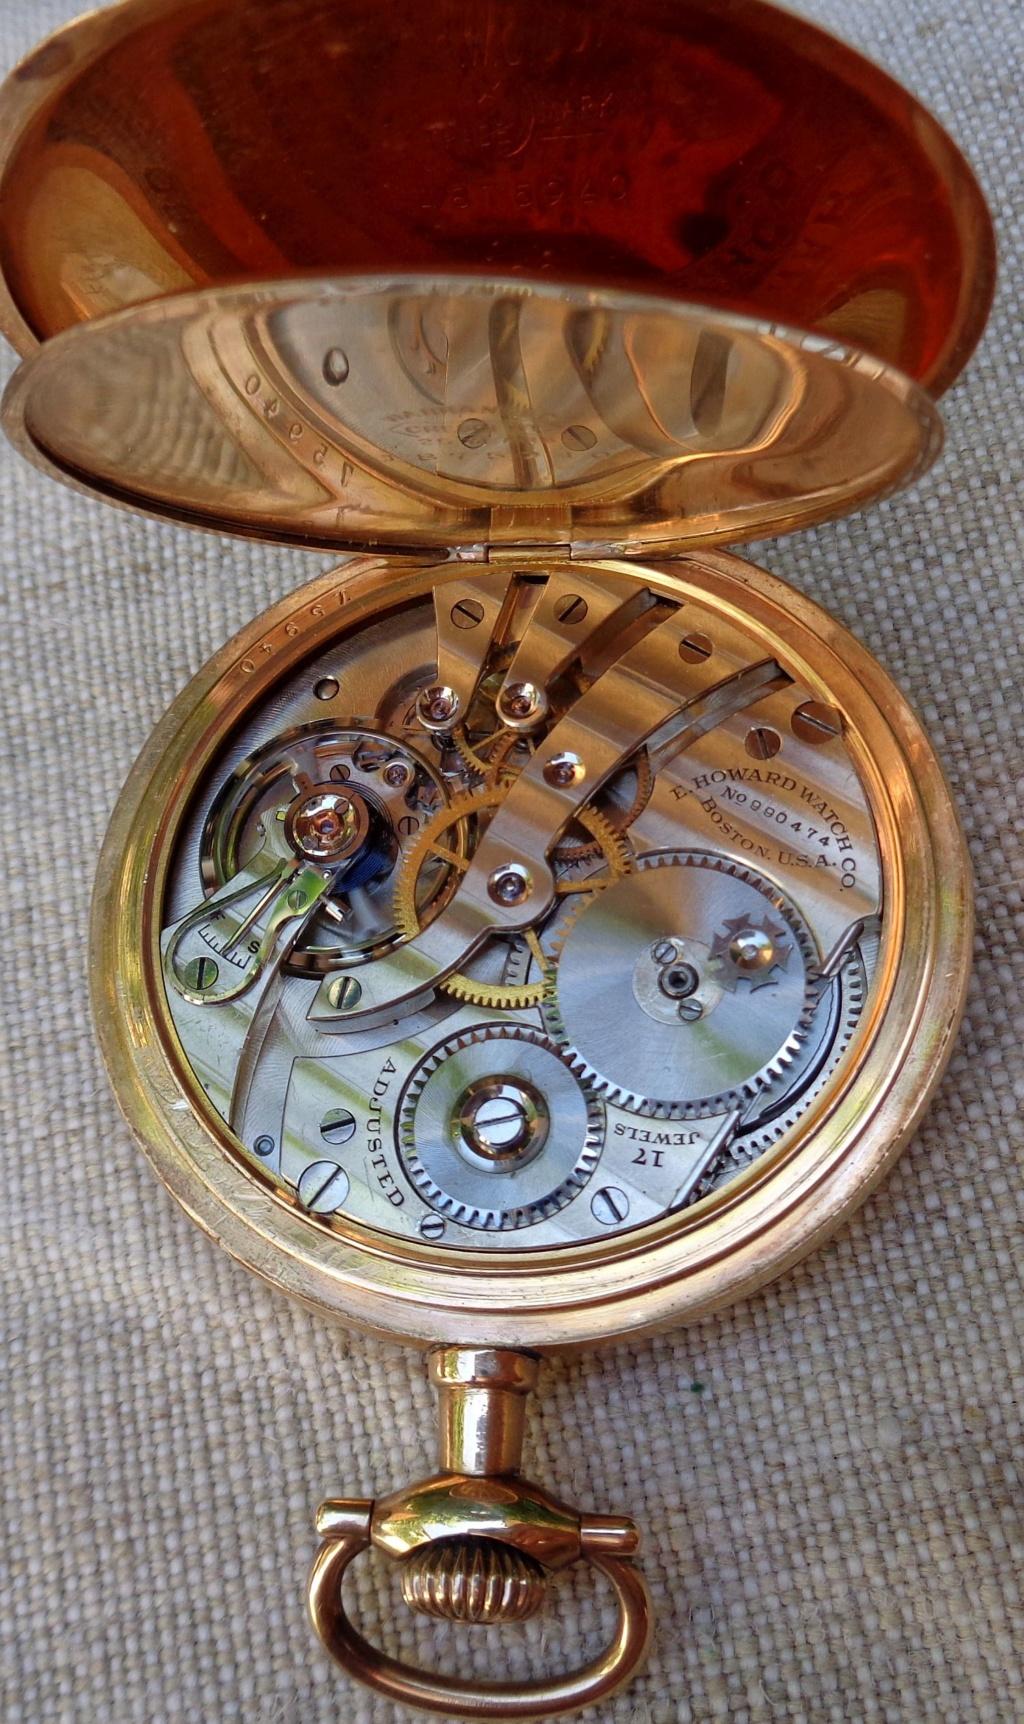 Comment dater une montre vintage américaine HOWARD  Dsc05017